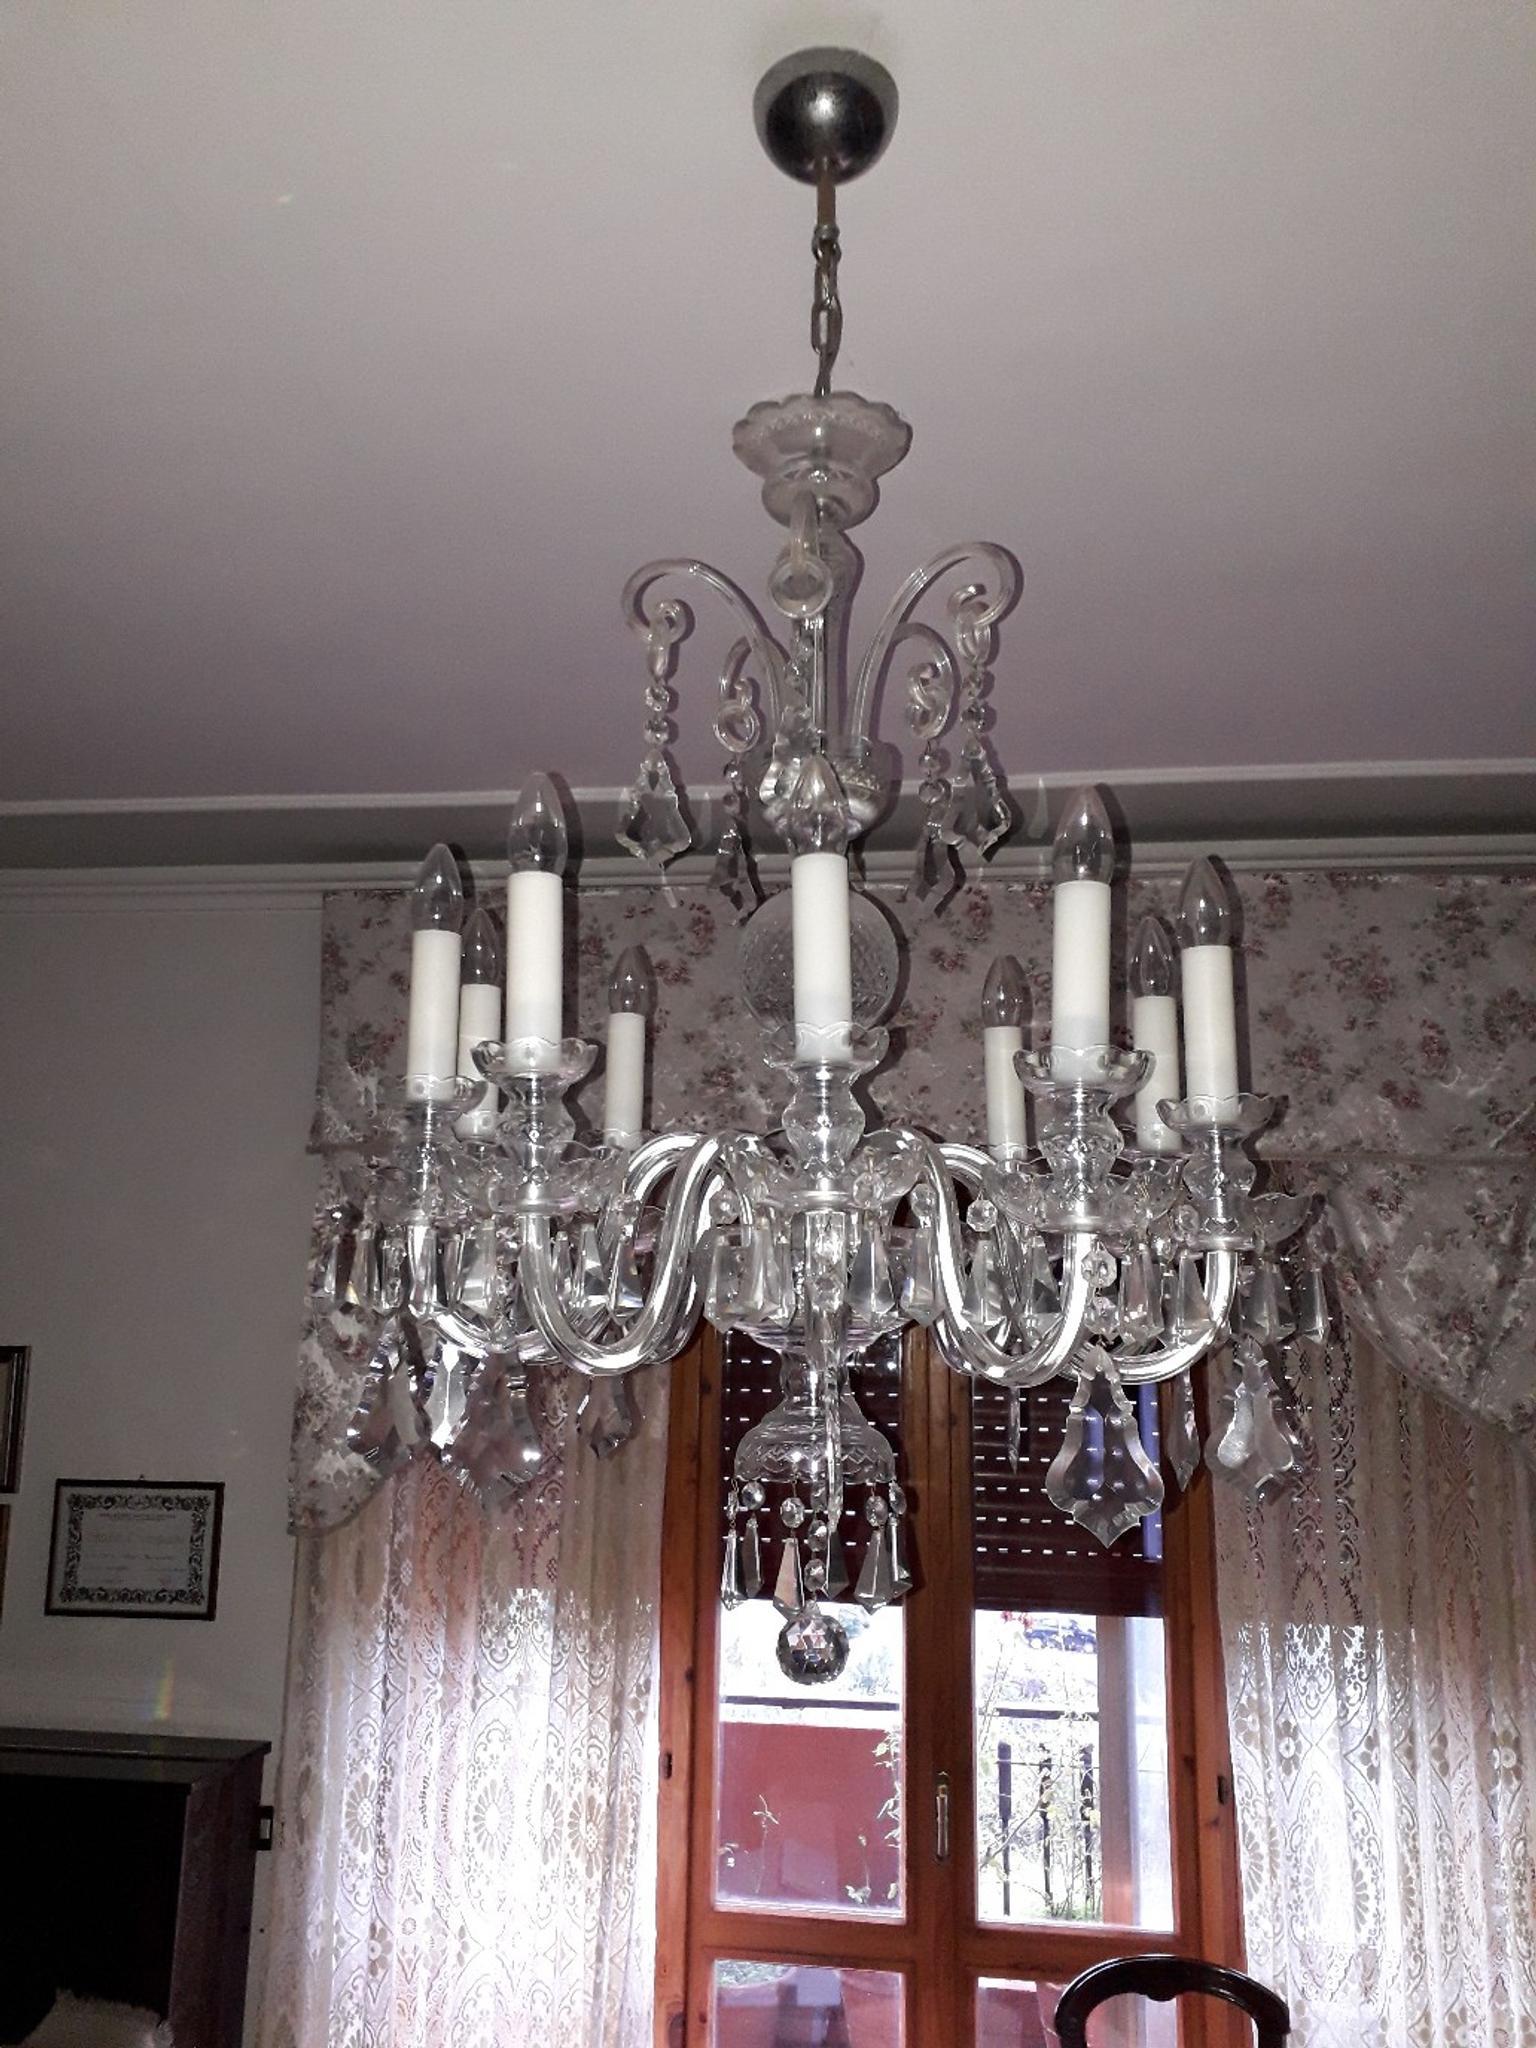 Isa project arredamento casa e azienda   compra online o. Lampadario In Cristallo Di Boemia 10 Luci In 00015 Monterotondo For 200 00 For Sale Shpock